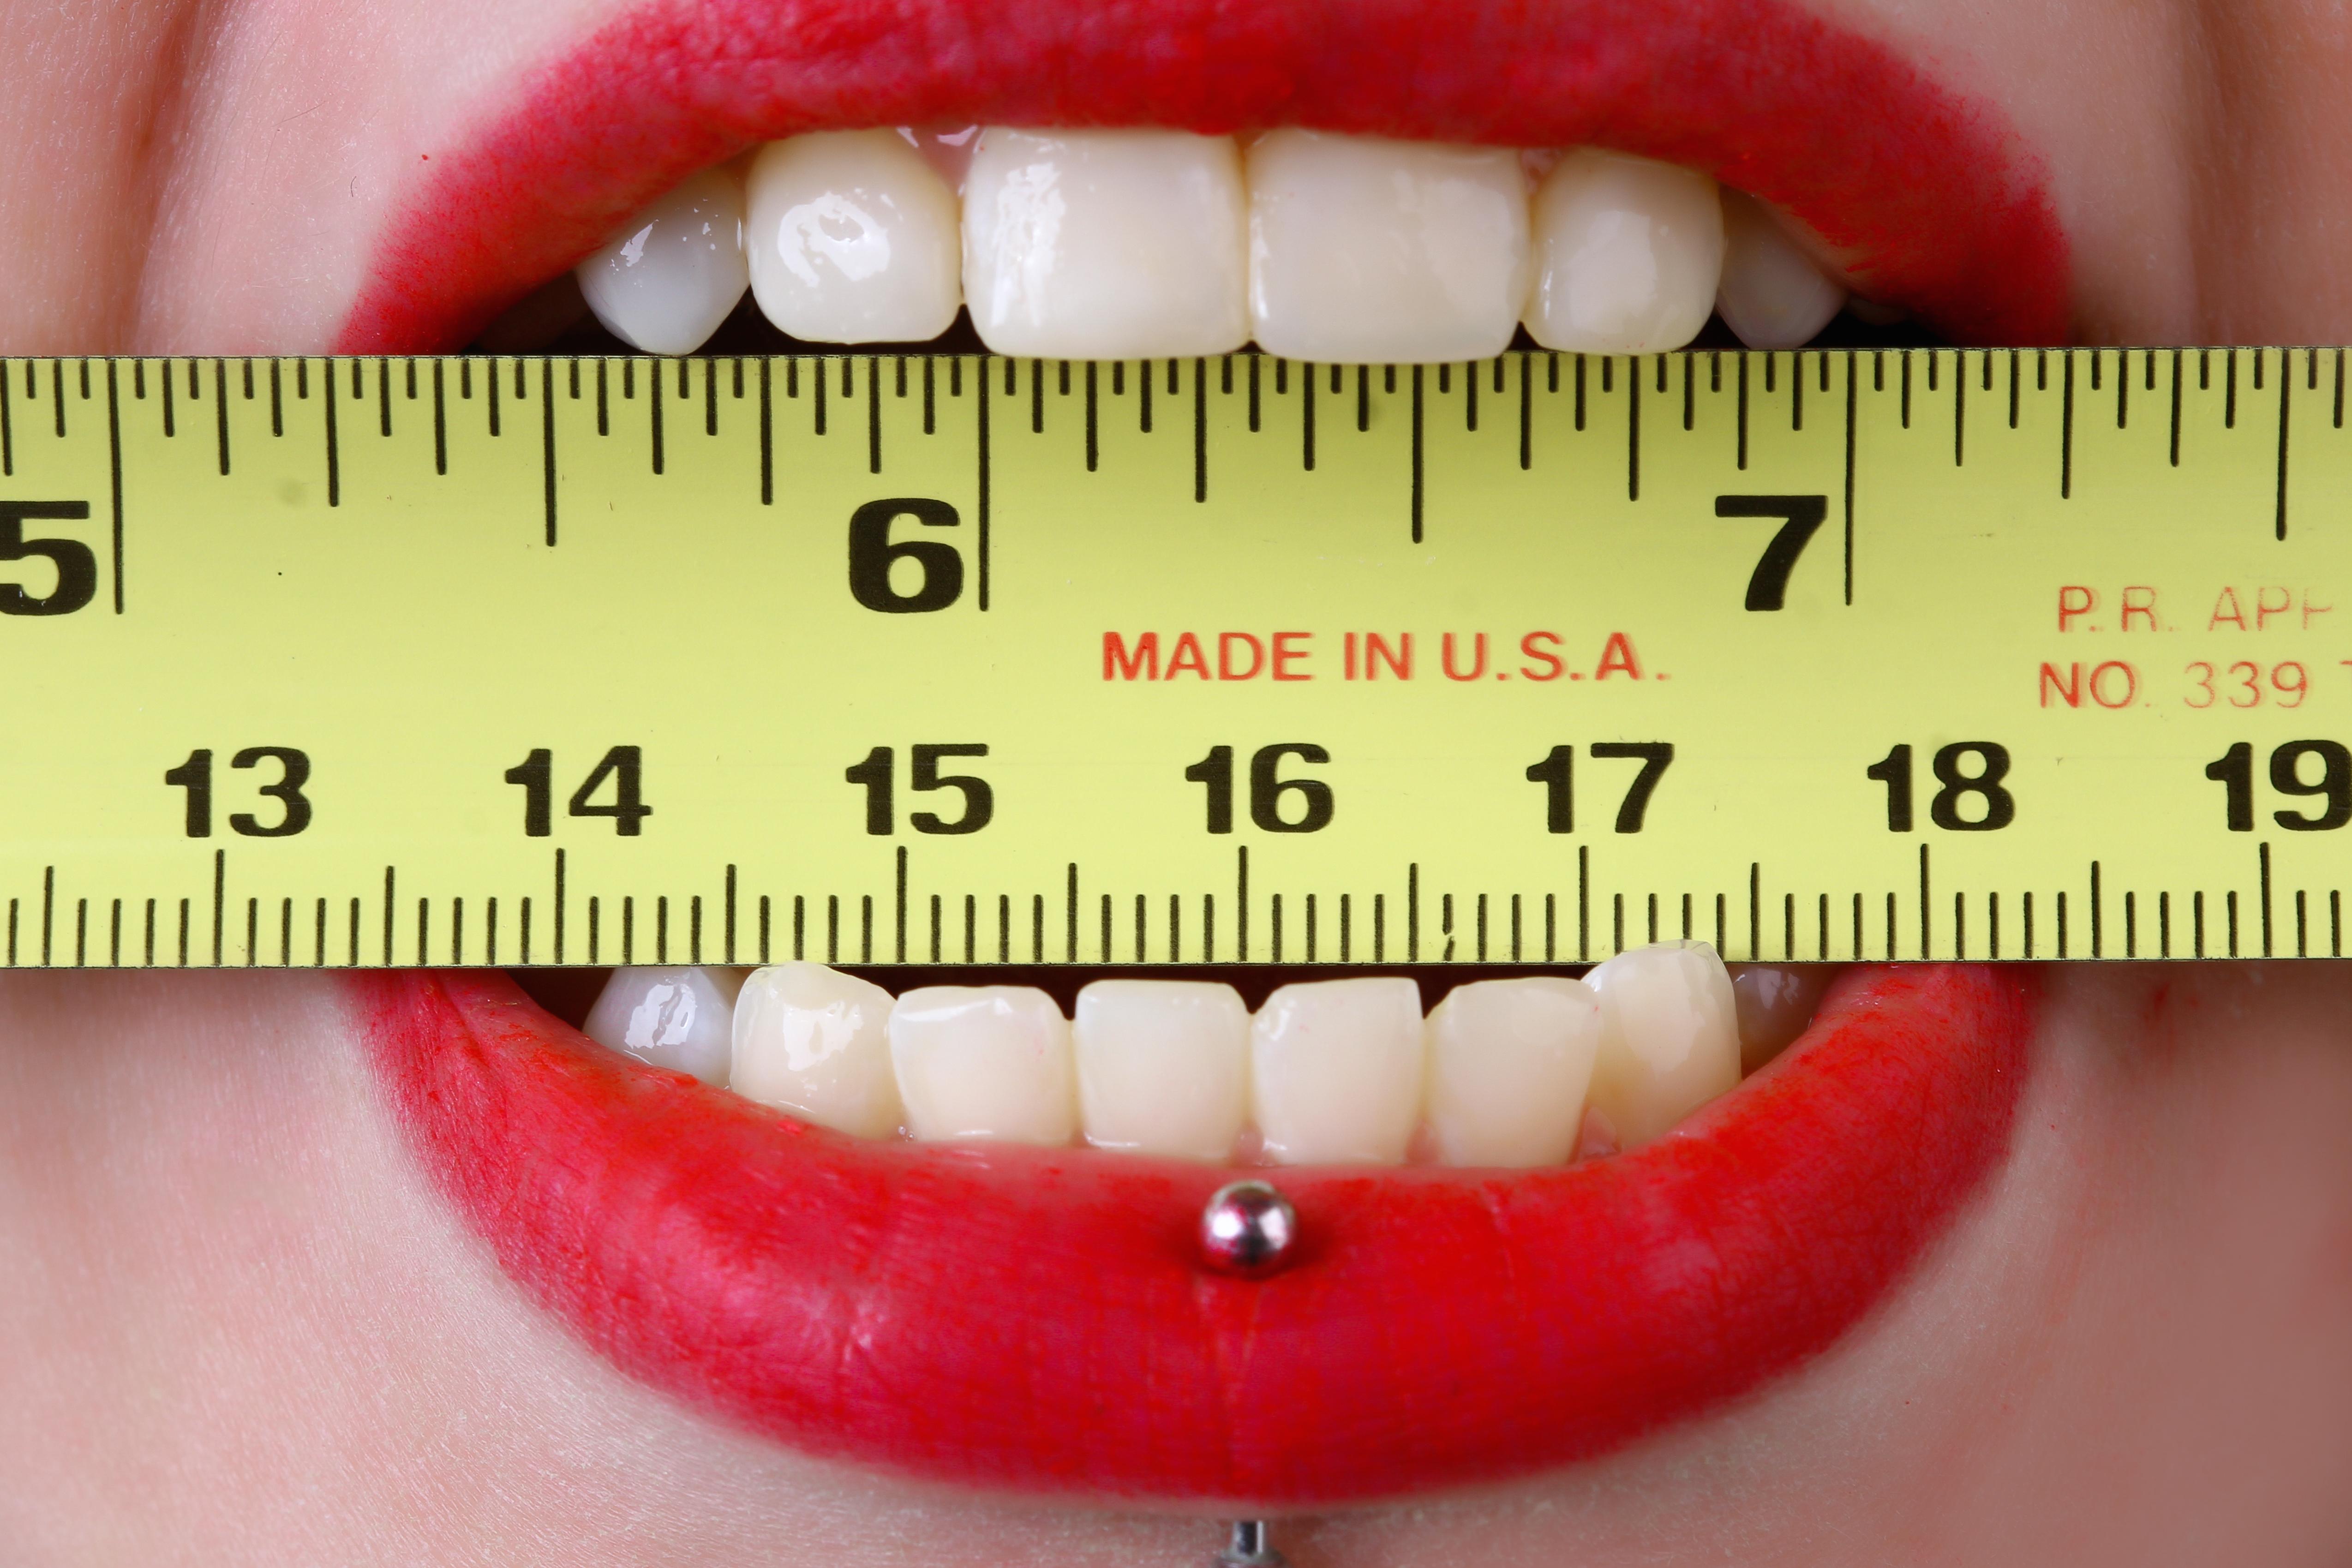 透明牙套 隱形矯正,品牌 缺點,價錢 透明牙套,費用 維持器,價錢 牙齒,透明矯正 隱形矯正,隱適美 費用,隱適美 效果,價錢 牙齒,透明牙套 牙齒